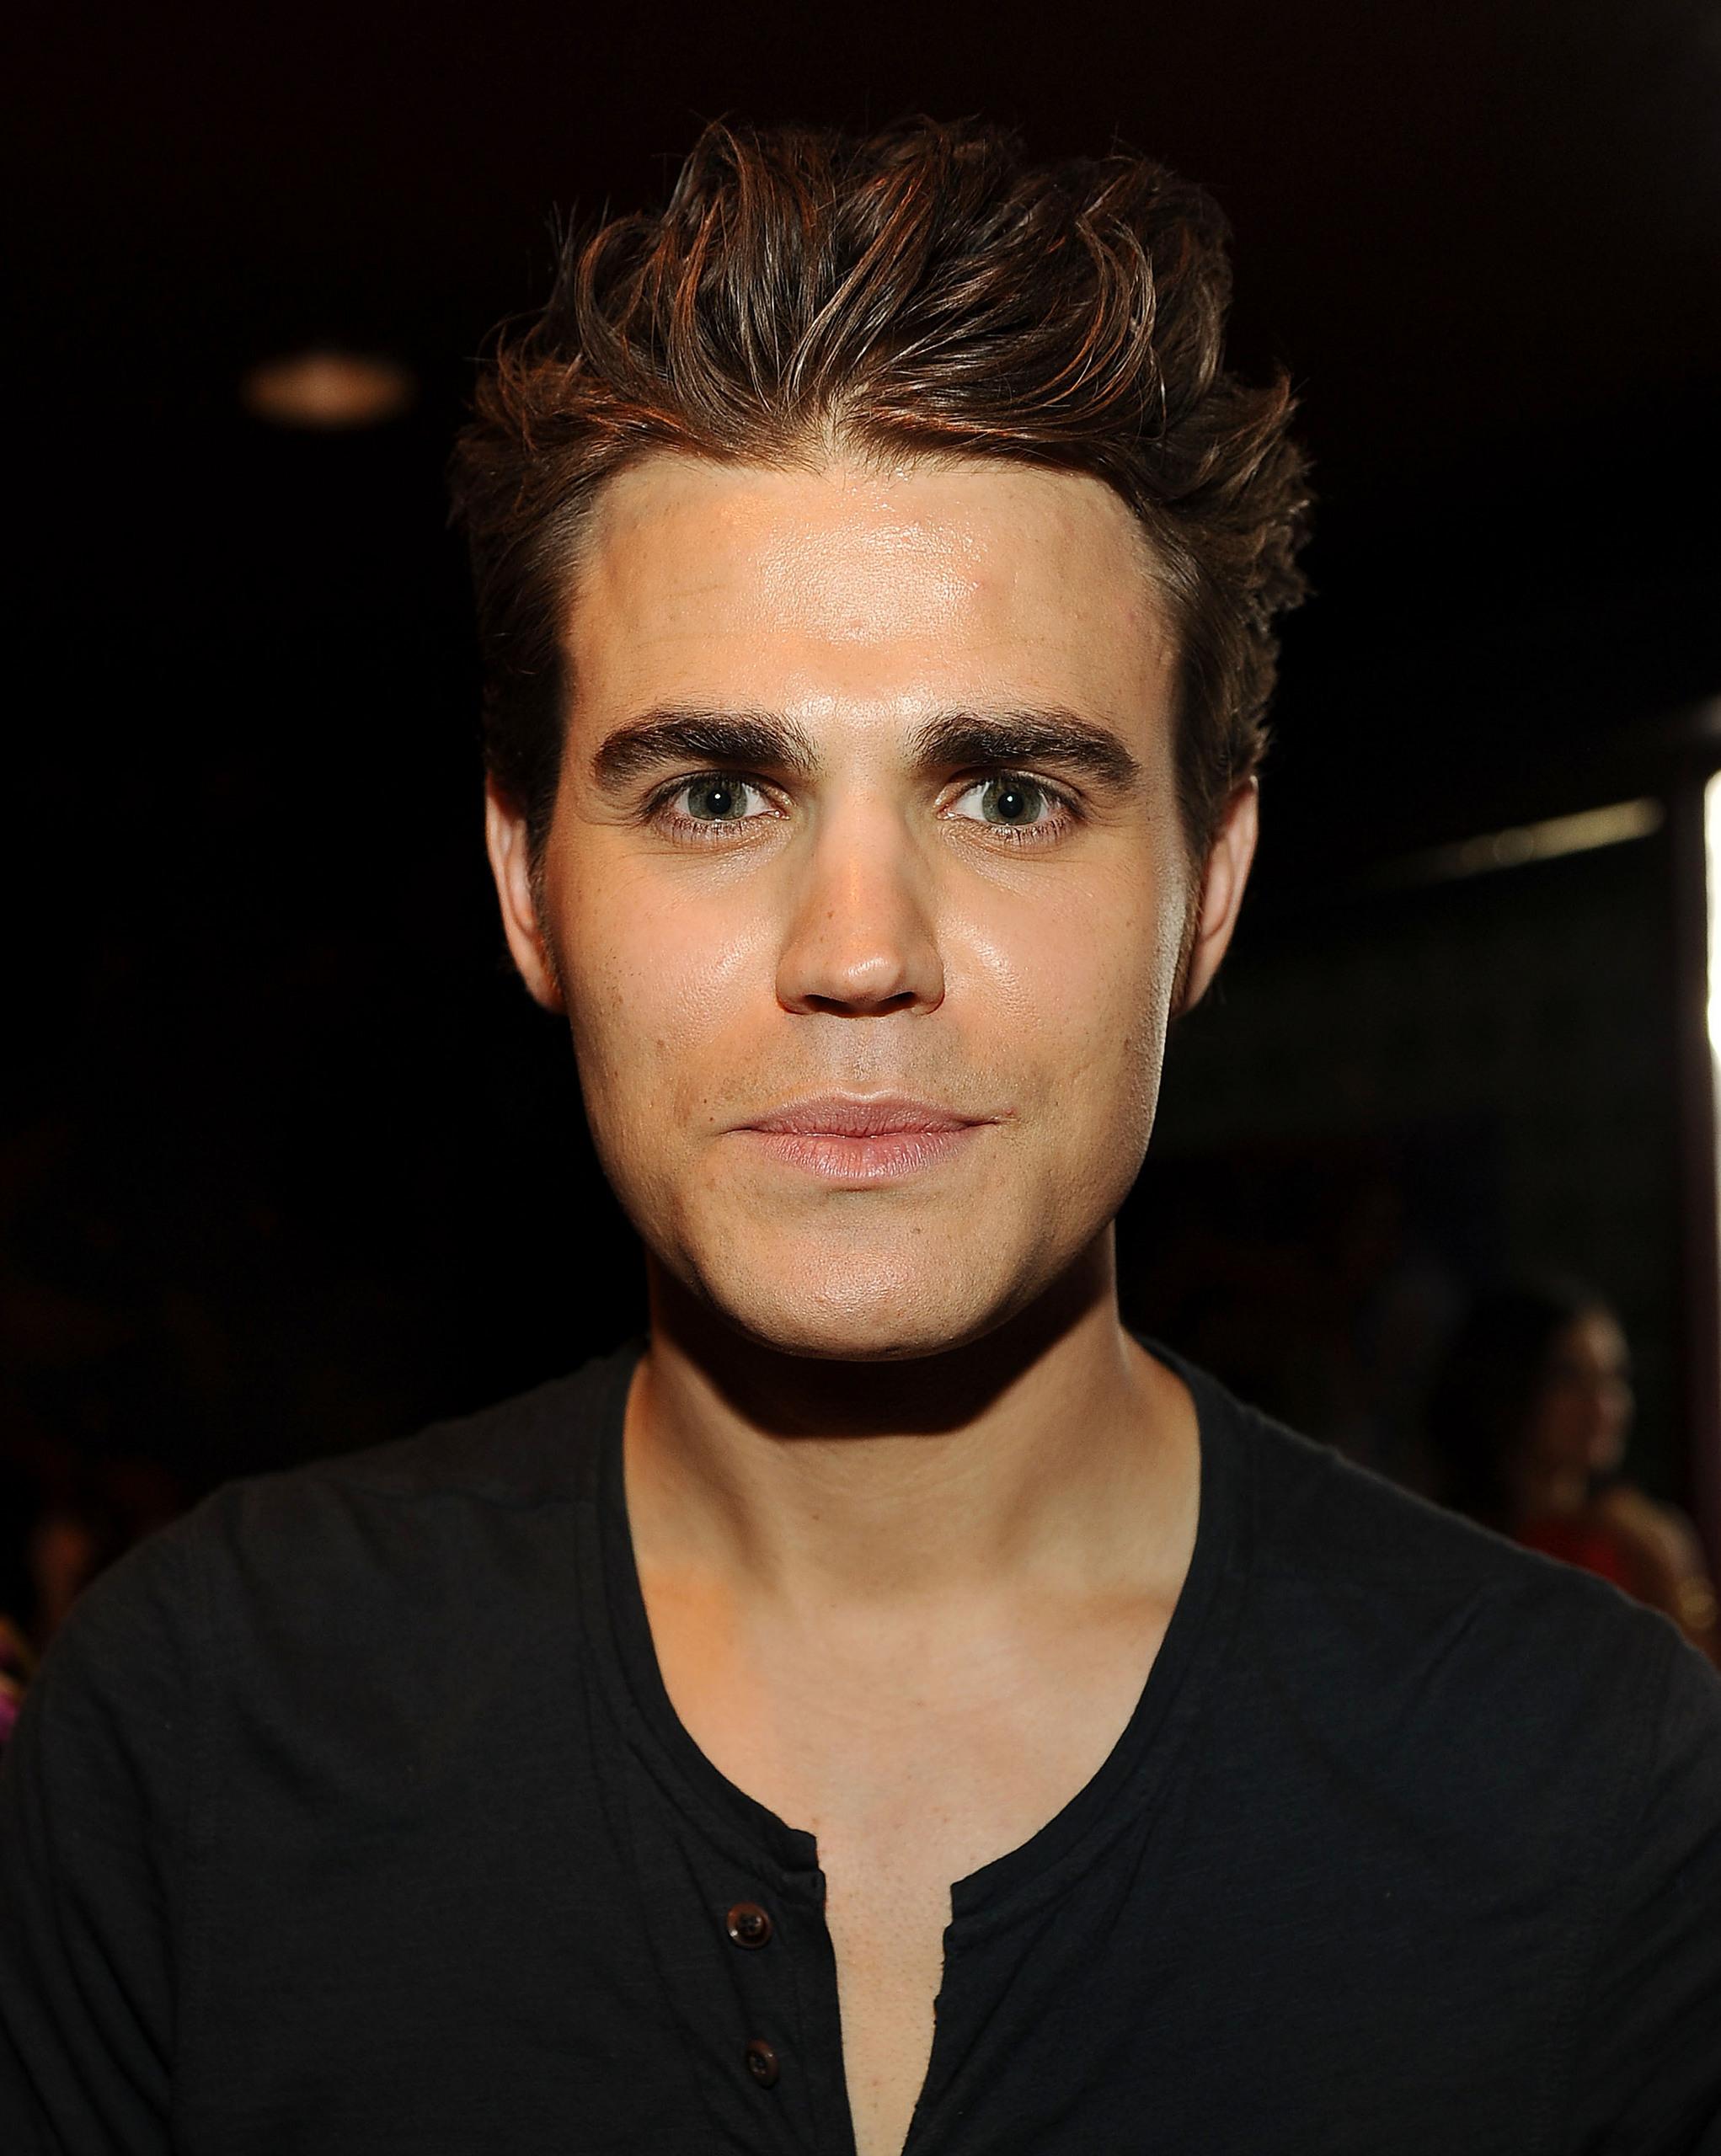 Paul at Teen Choice Awards - Green Room (July 22th, 2012)